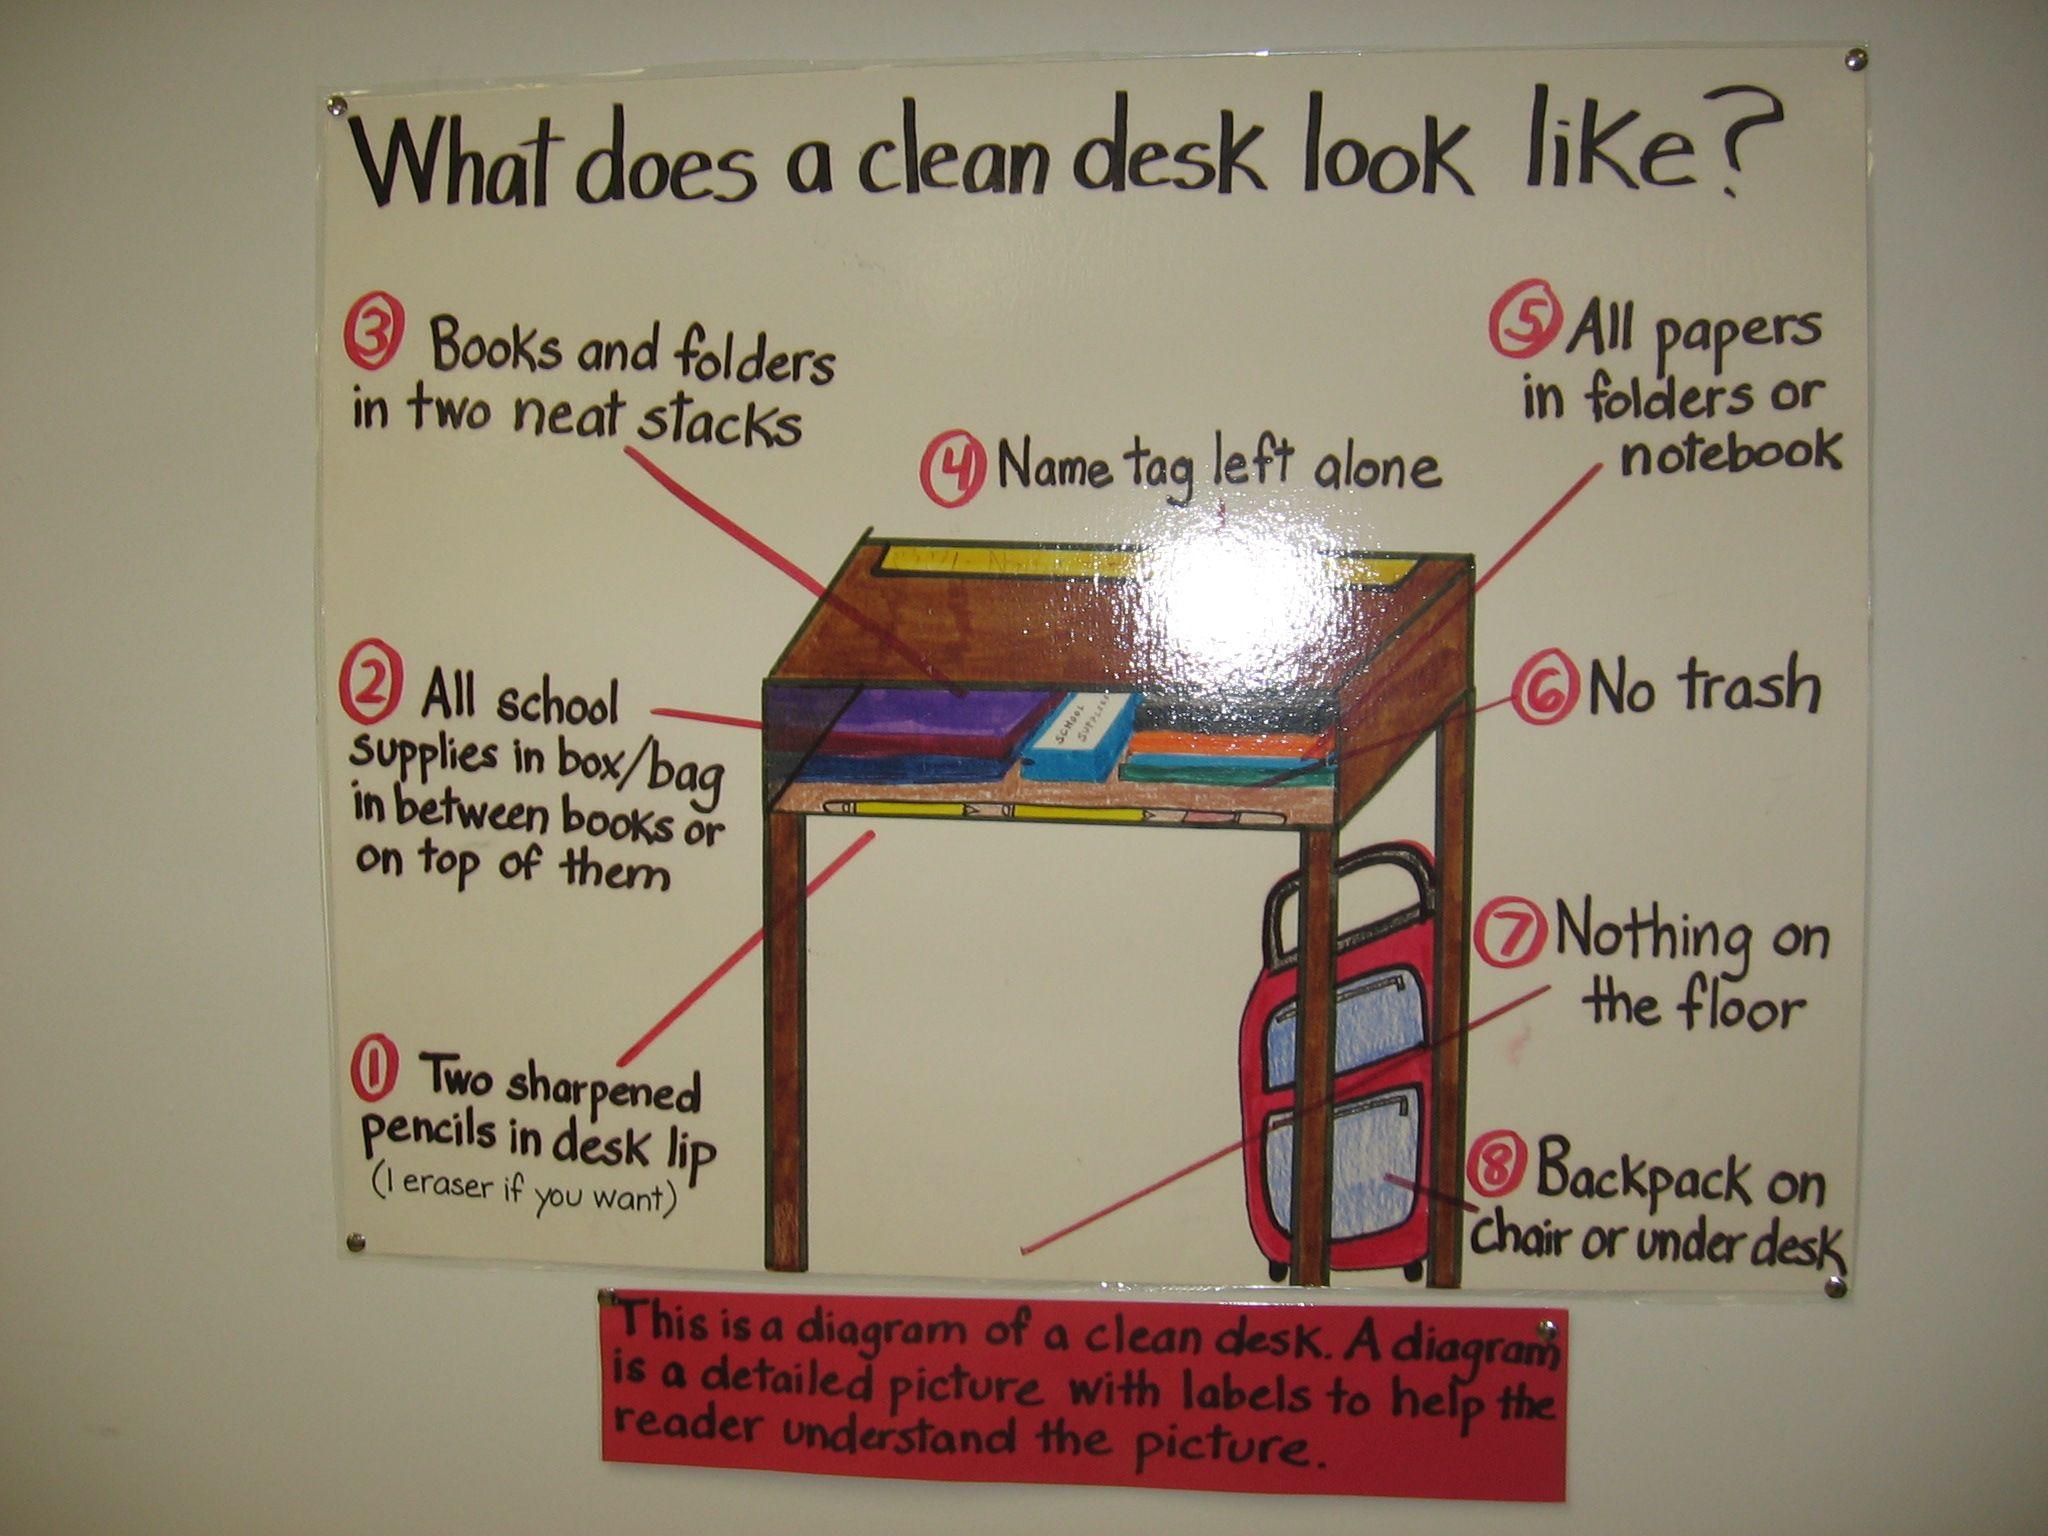 The Clean Desk Diagram